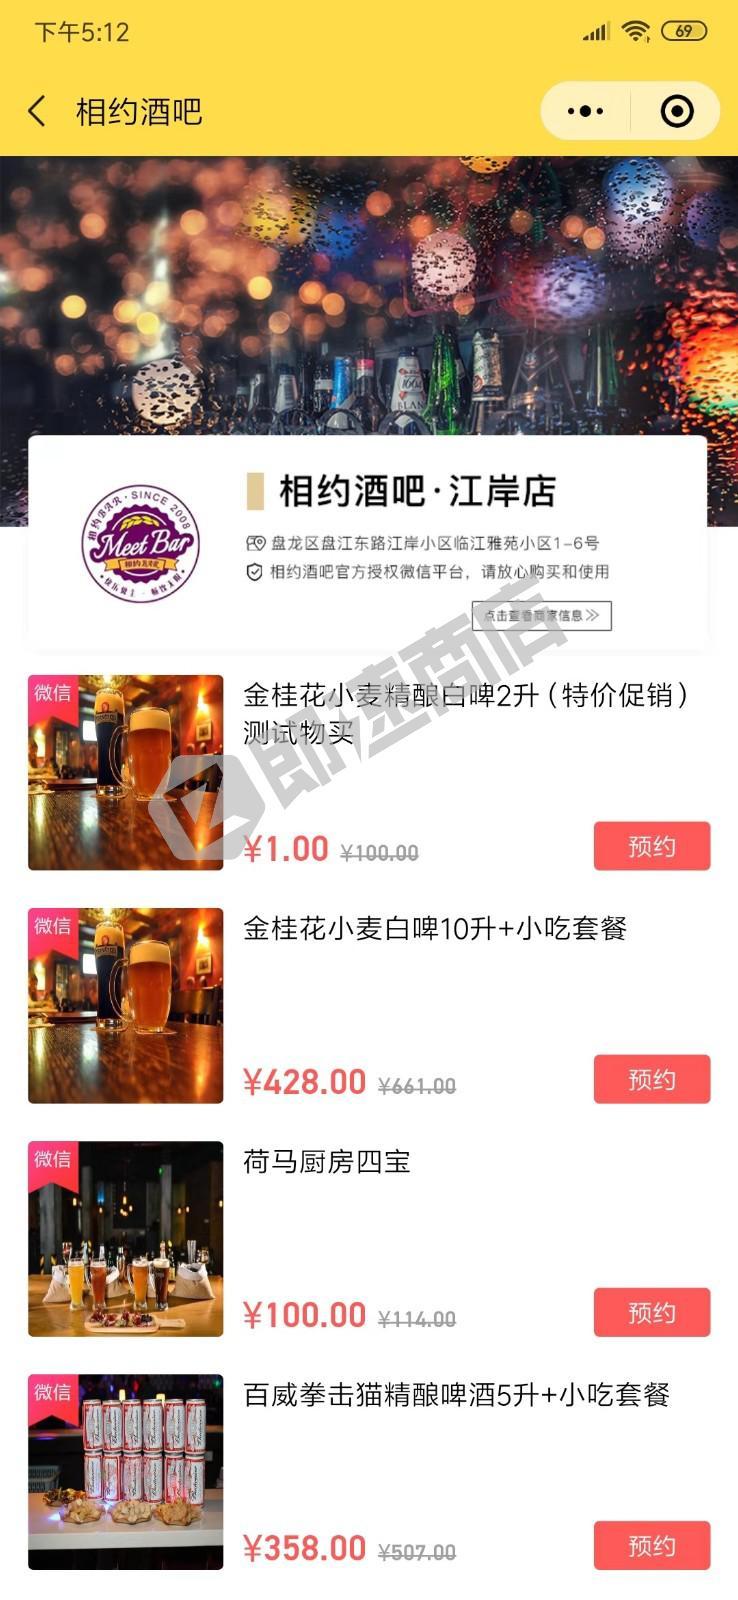 相约酒吧服务平台小程序列表页截图